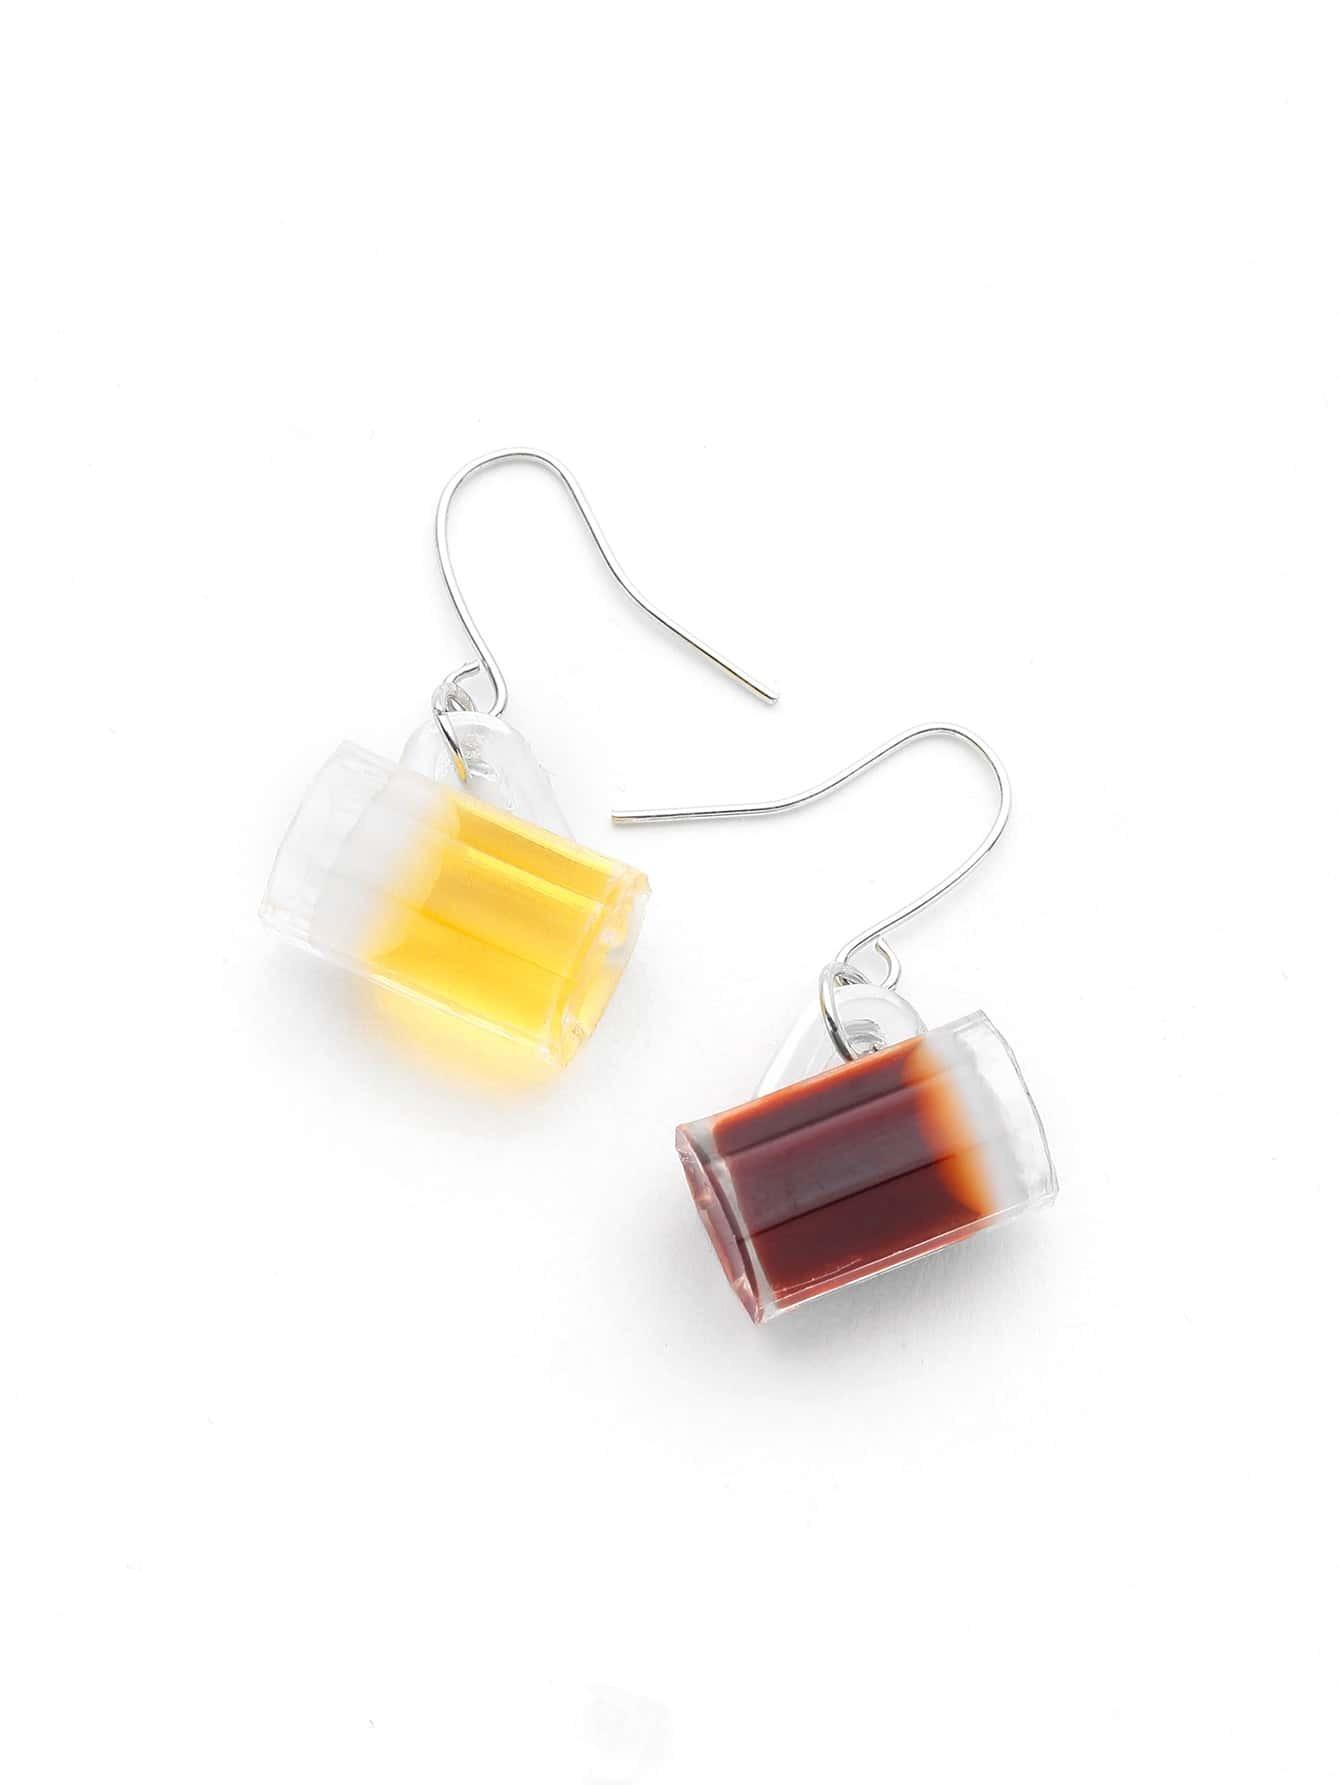 Cup Shaped Drop Earrings earringER170621304